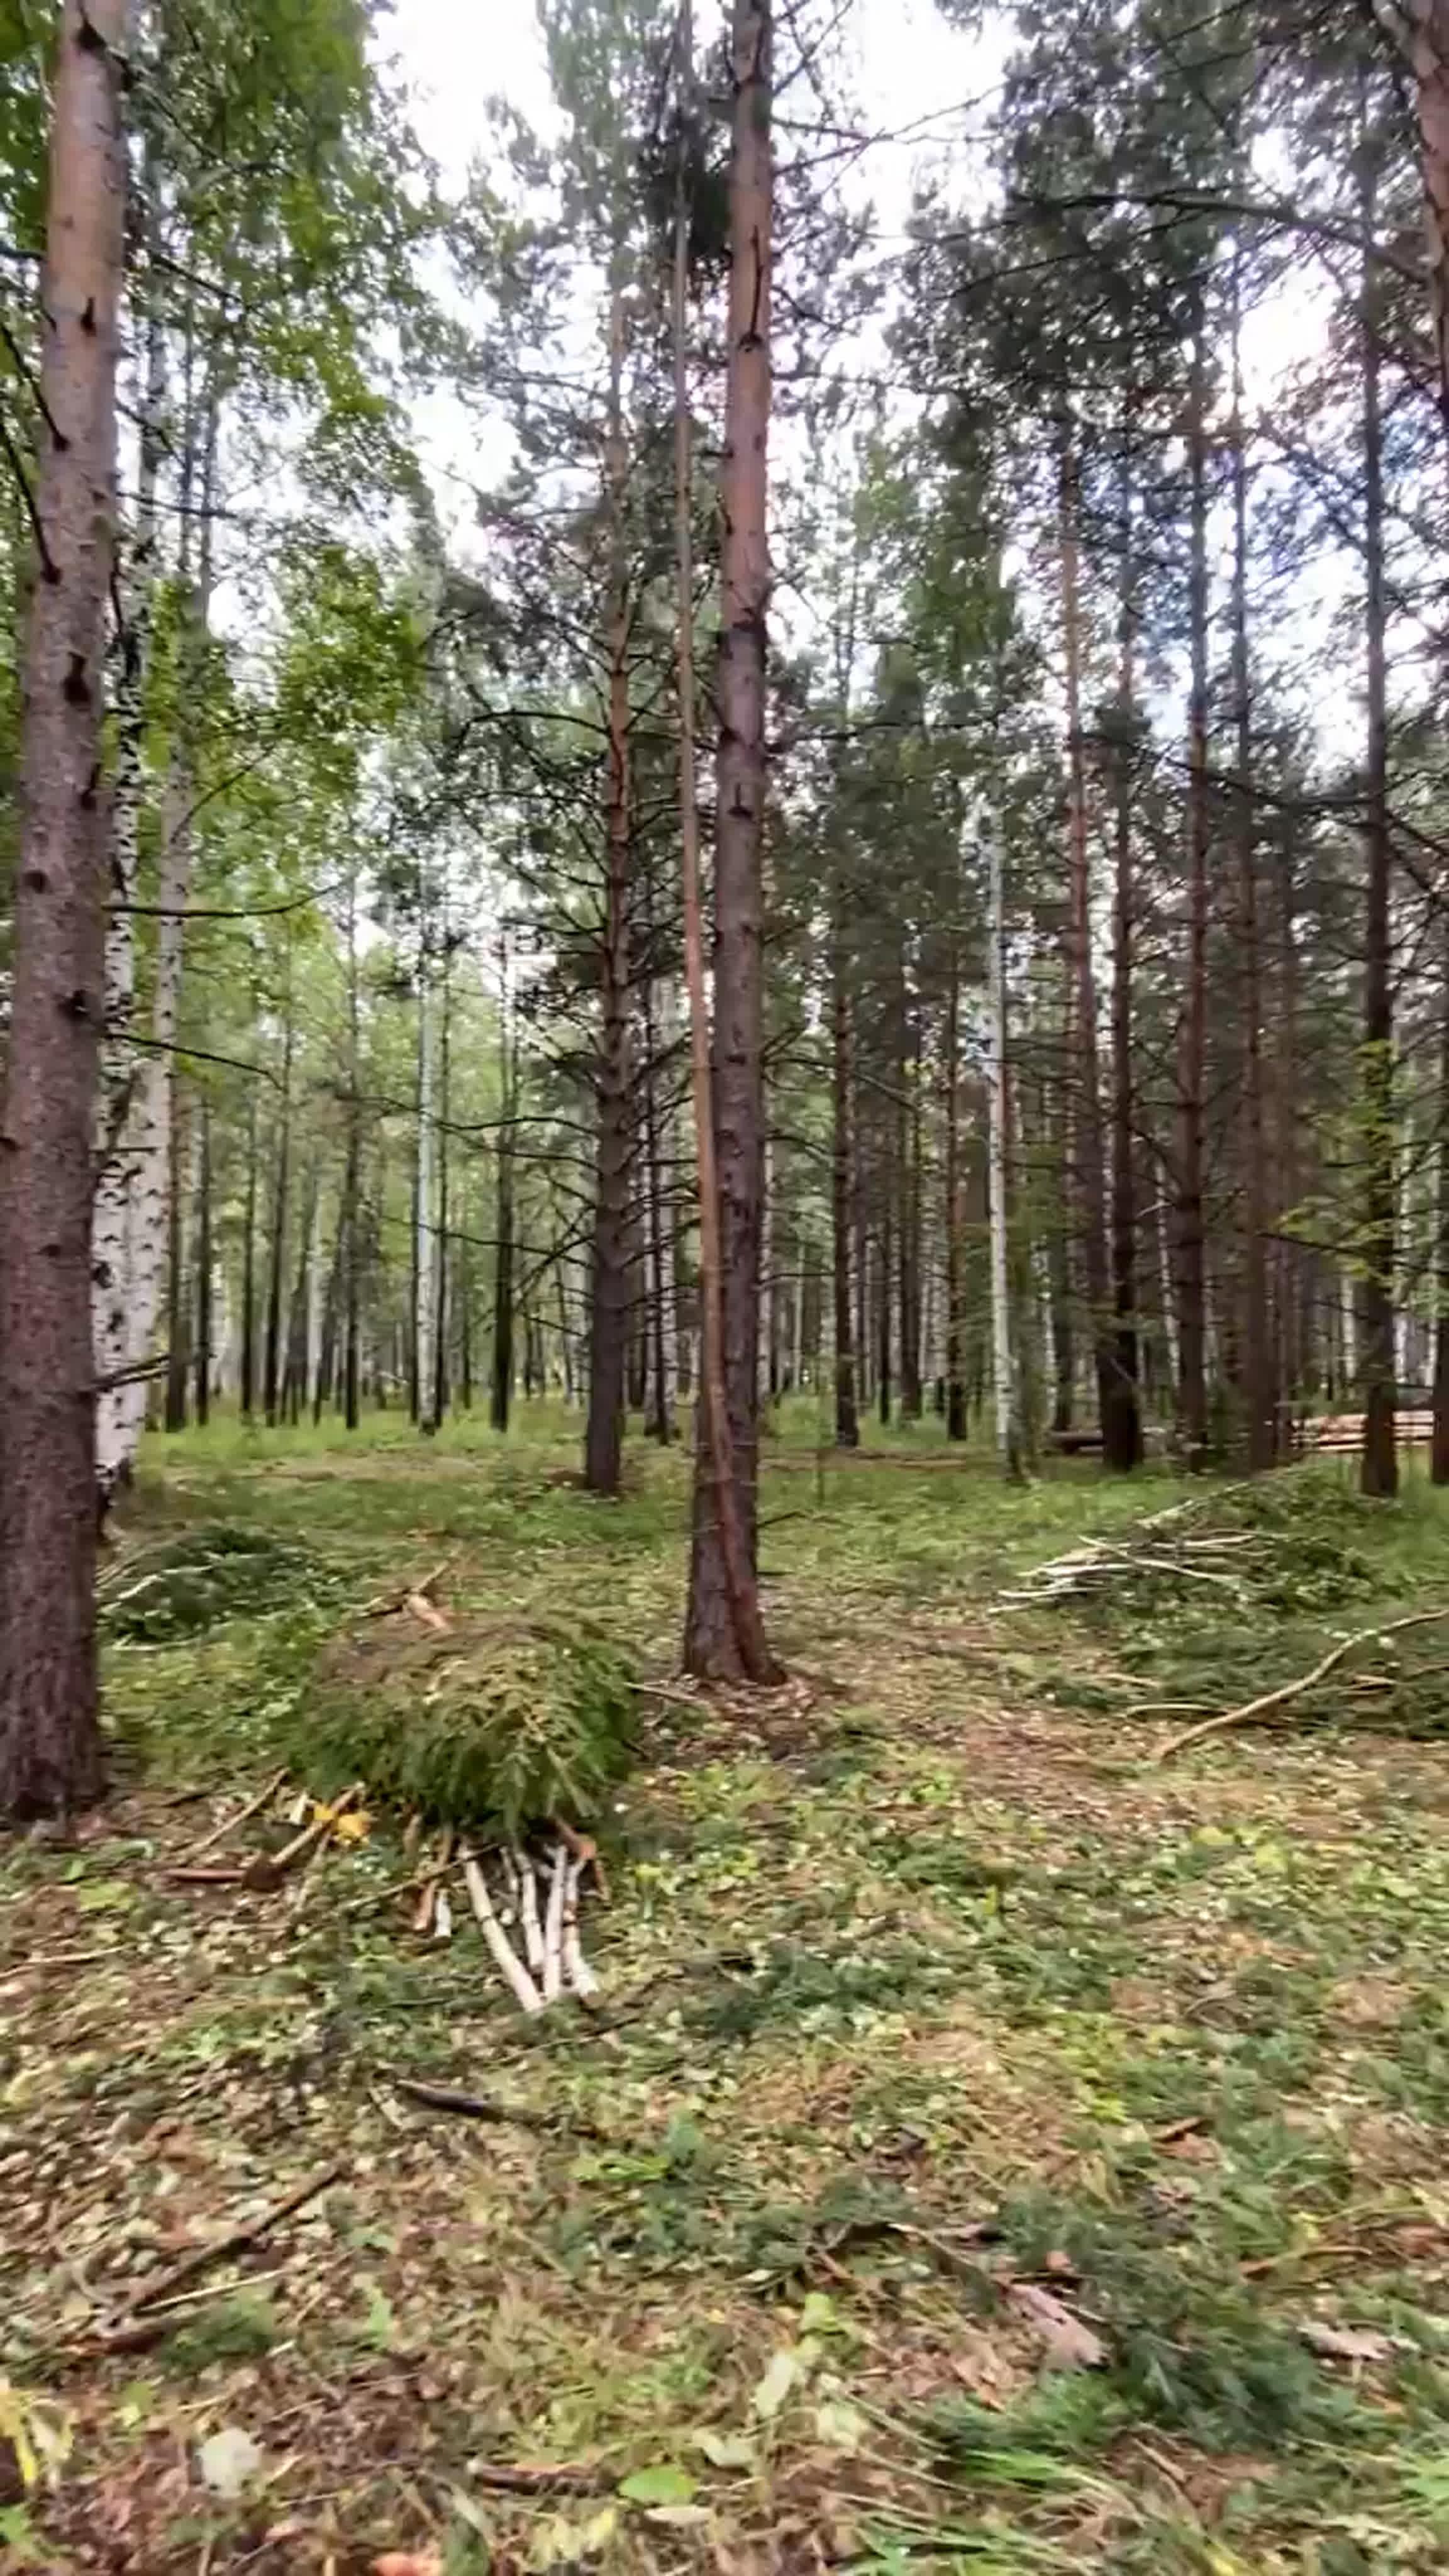 Воскресный лес пахнет хвоей и грибами. Умиротворяюще